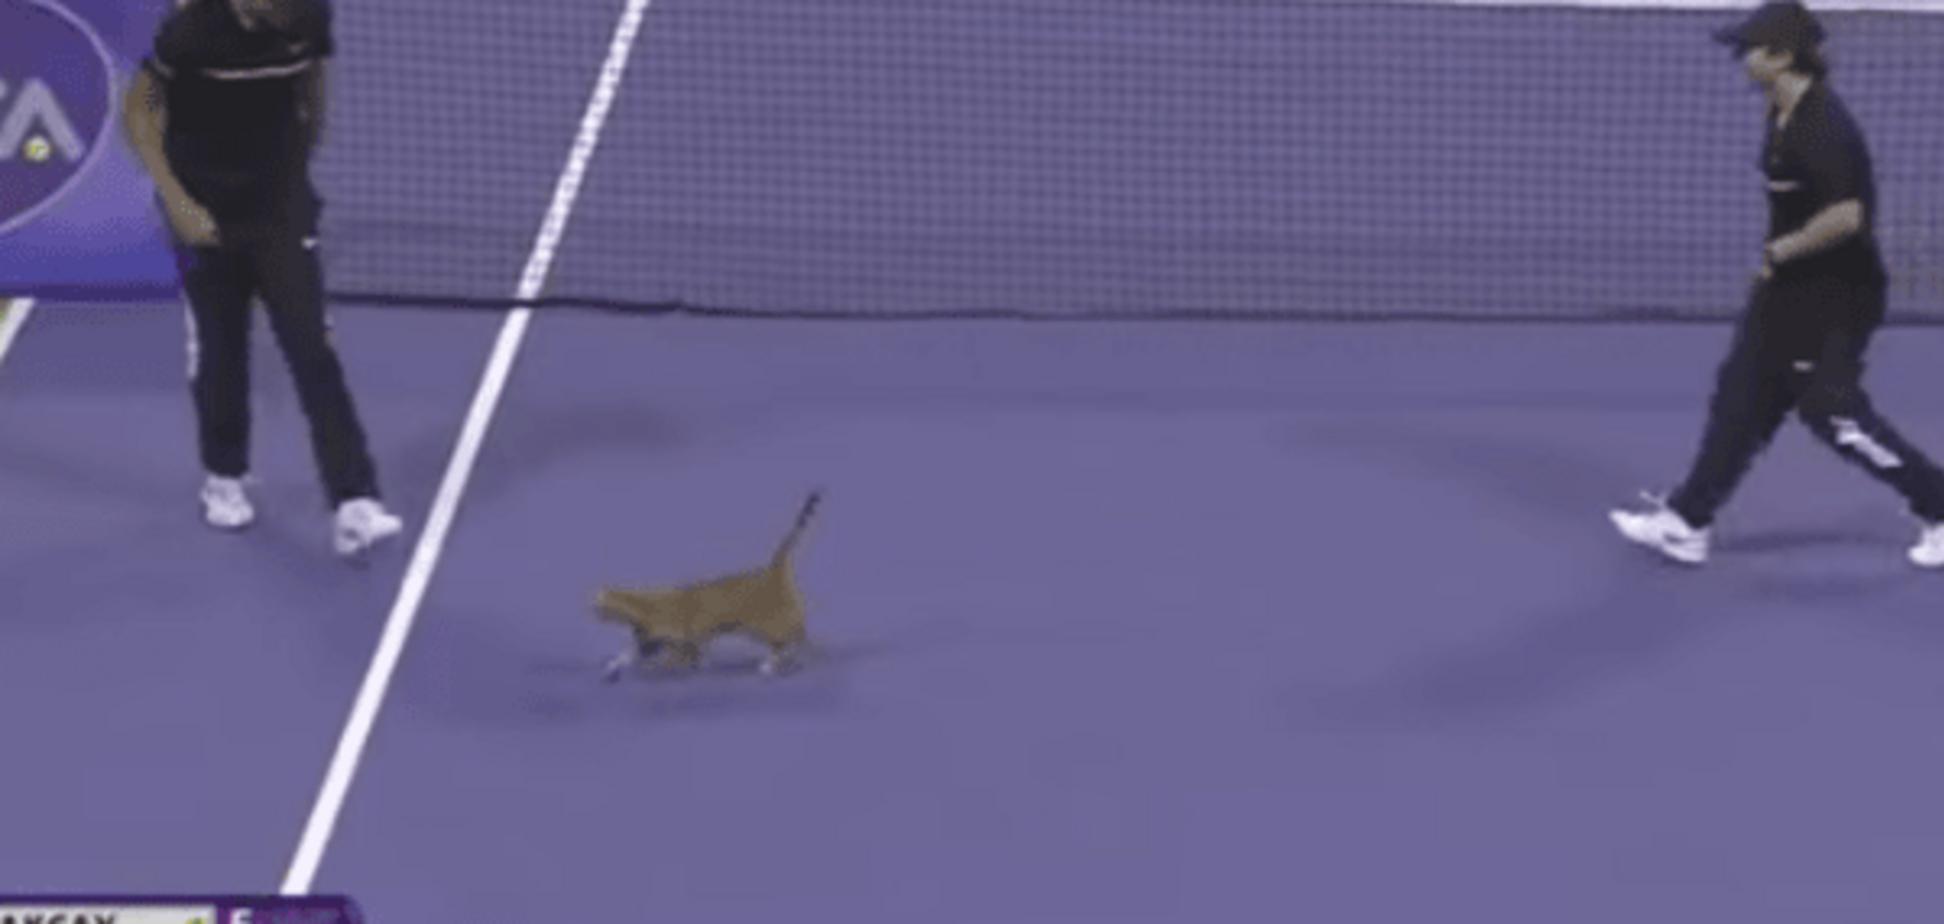 Смешная кошка вызвала фурор на теннисном турнире в Катаре: курьезное видео